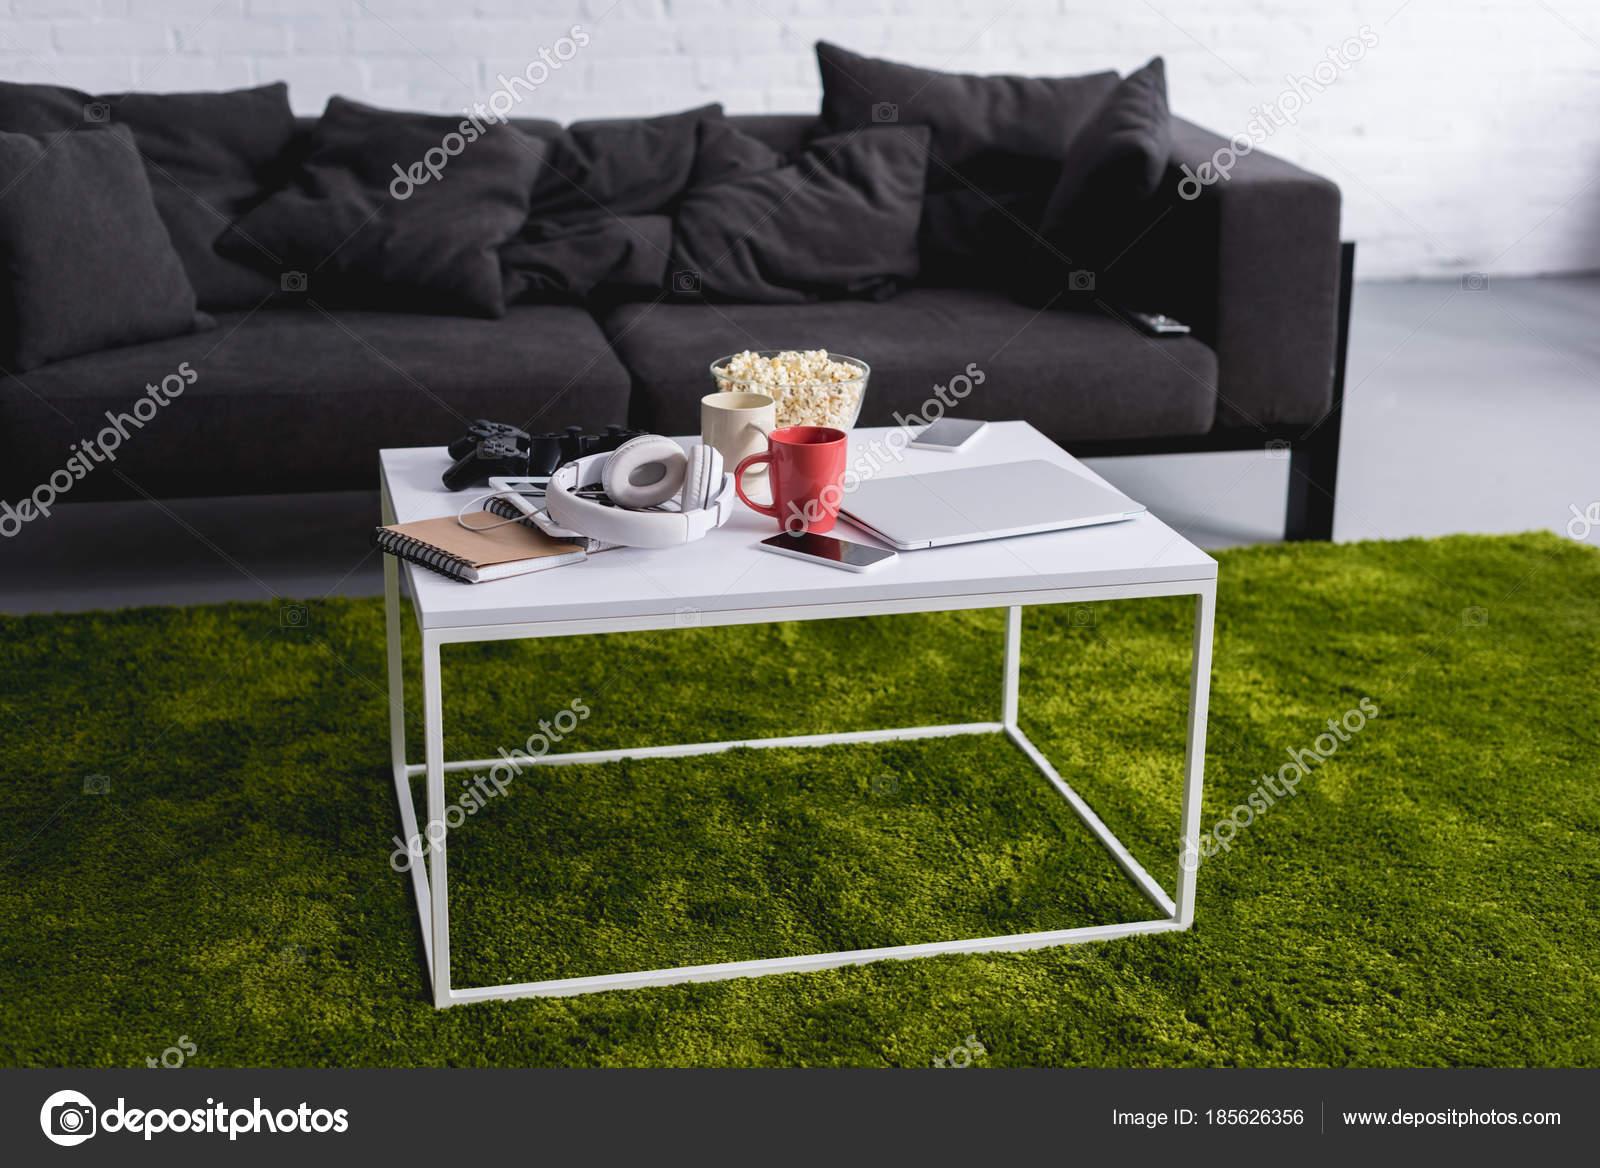 Tappeto Salotto Verde : Sofà grigio bianco tavolo con tappeto verde salotto u2014 foto stock